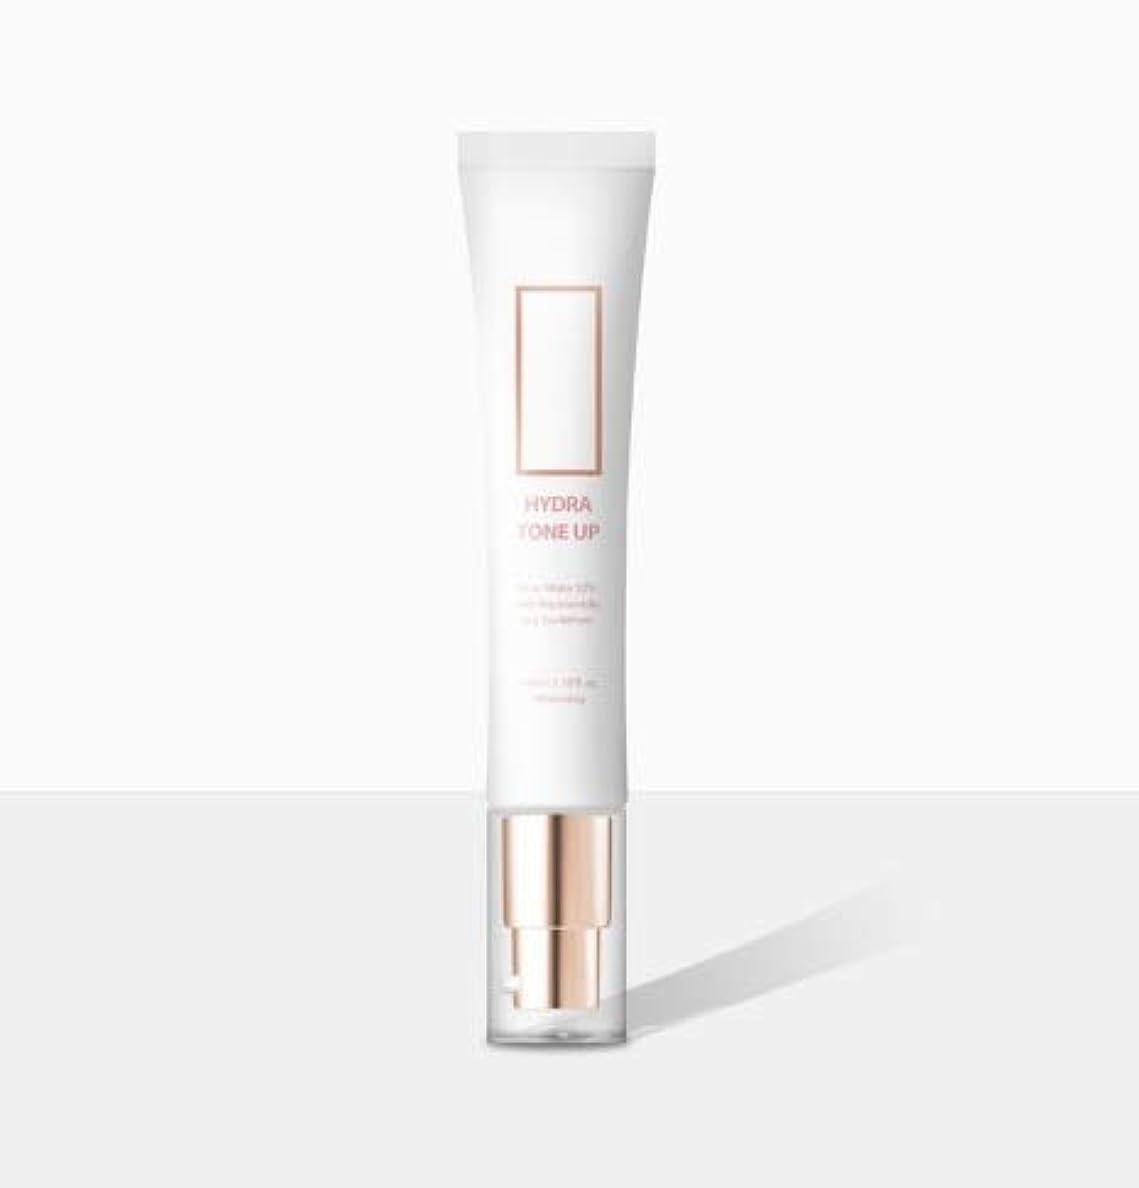 並外れた中で時代遅れAIDA 10mgRx ヒドラトーンアップクリーム 35ml (すべての肌タイプのために、明るくしわ) / Hydra Tone-Up Cream